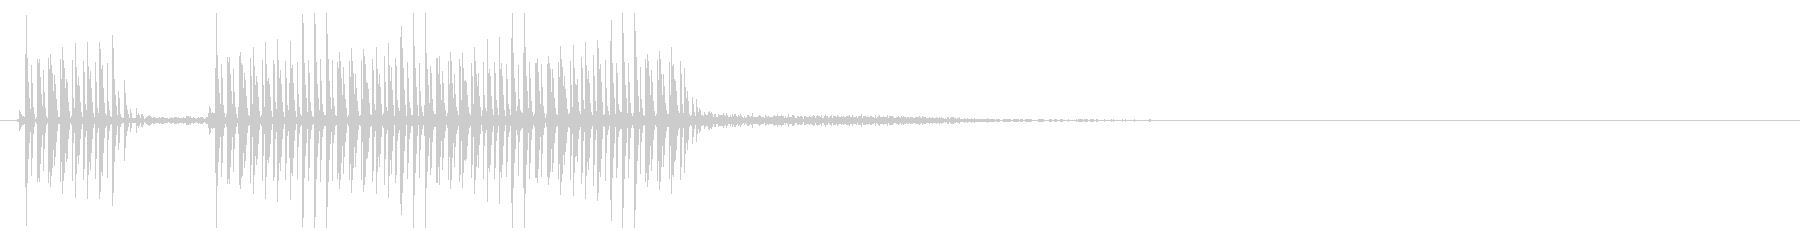 [ブブー] 不正解・エラー_矩Mix 2の未再生の波形